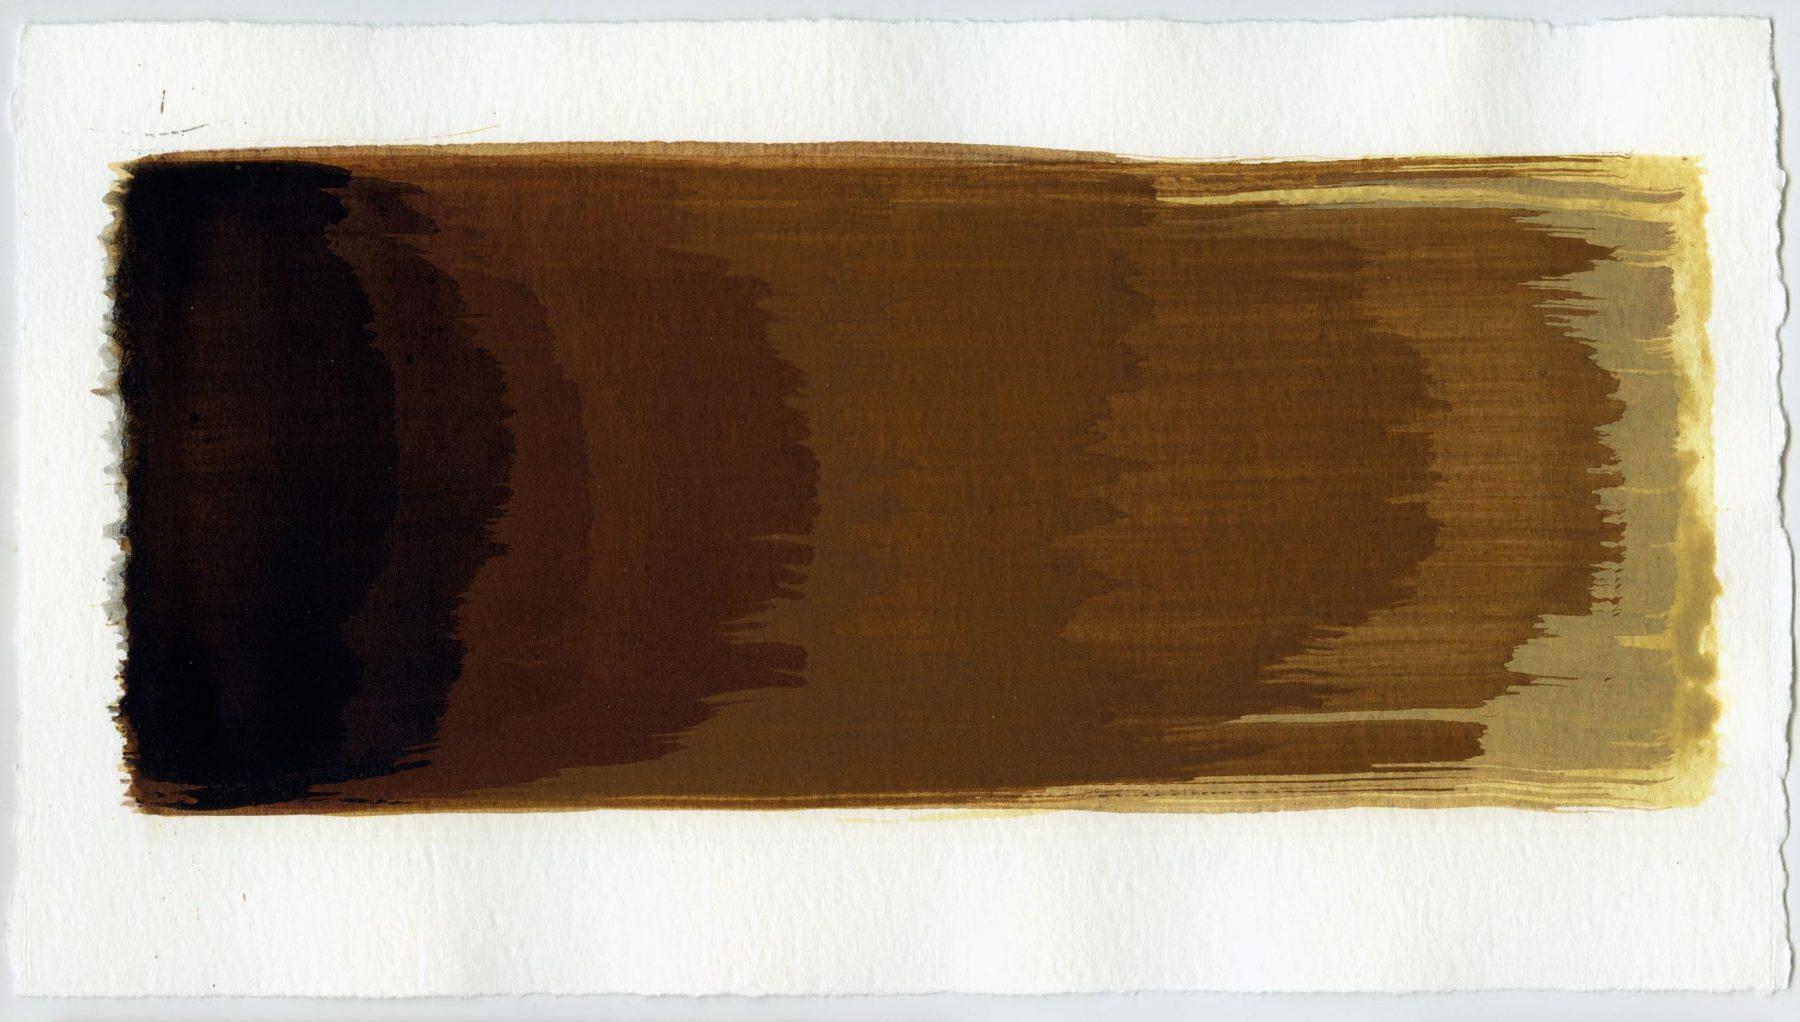 Brush stroke no. 44 - SOLD - Selfmade pigment: Slabroek grijs, IJzeroer, Mortelse oker, IJzeroer, IJzeroer gebrand, Slingerpad zwart